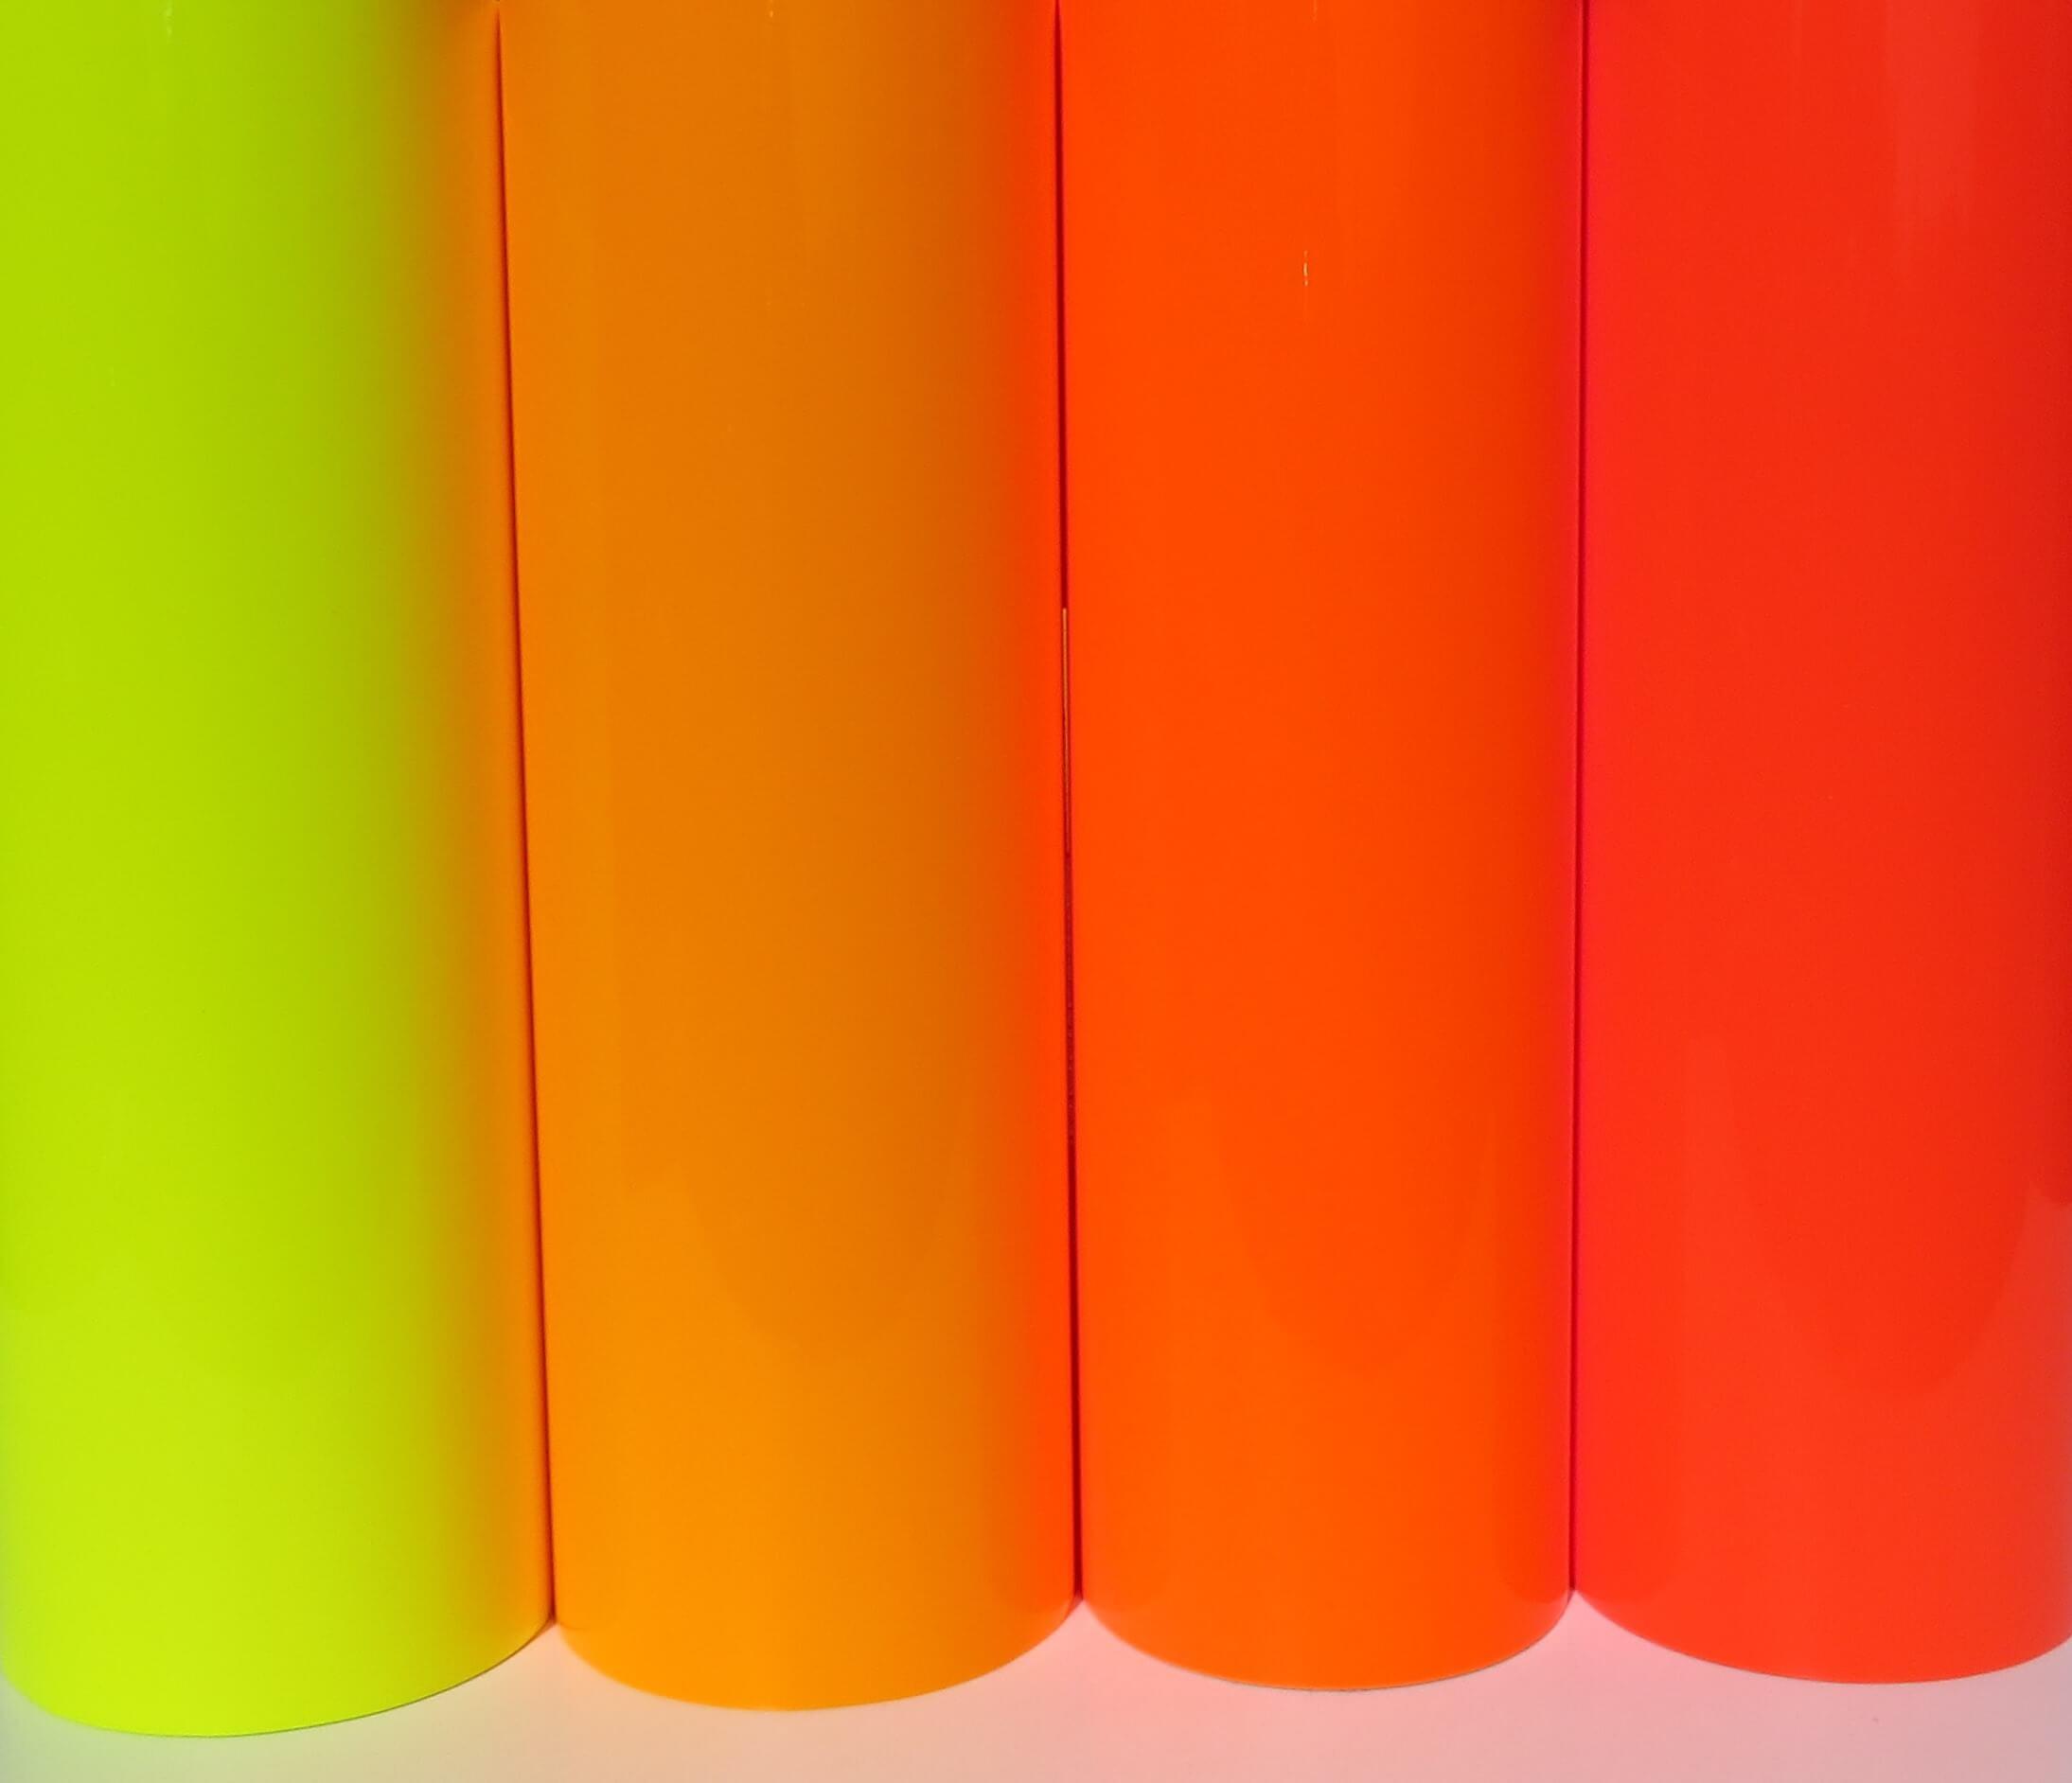 color neon orange - HD2189×1884